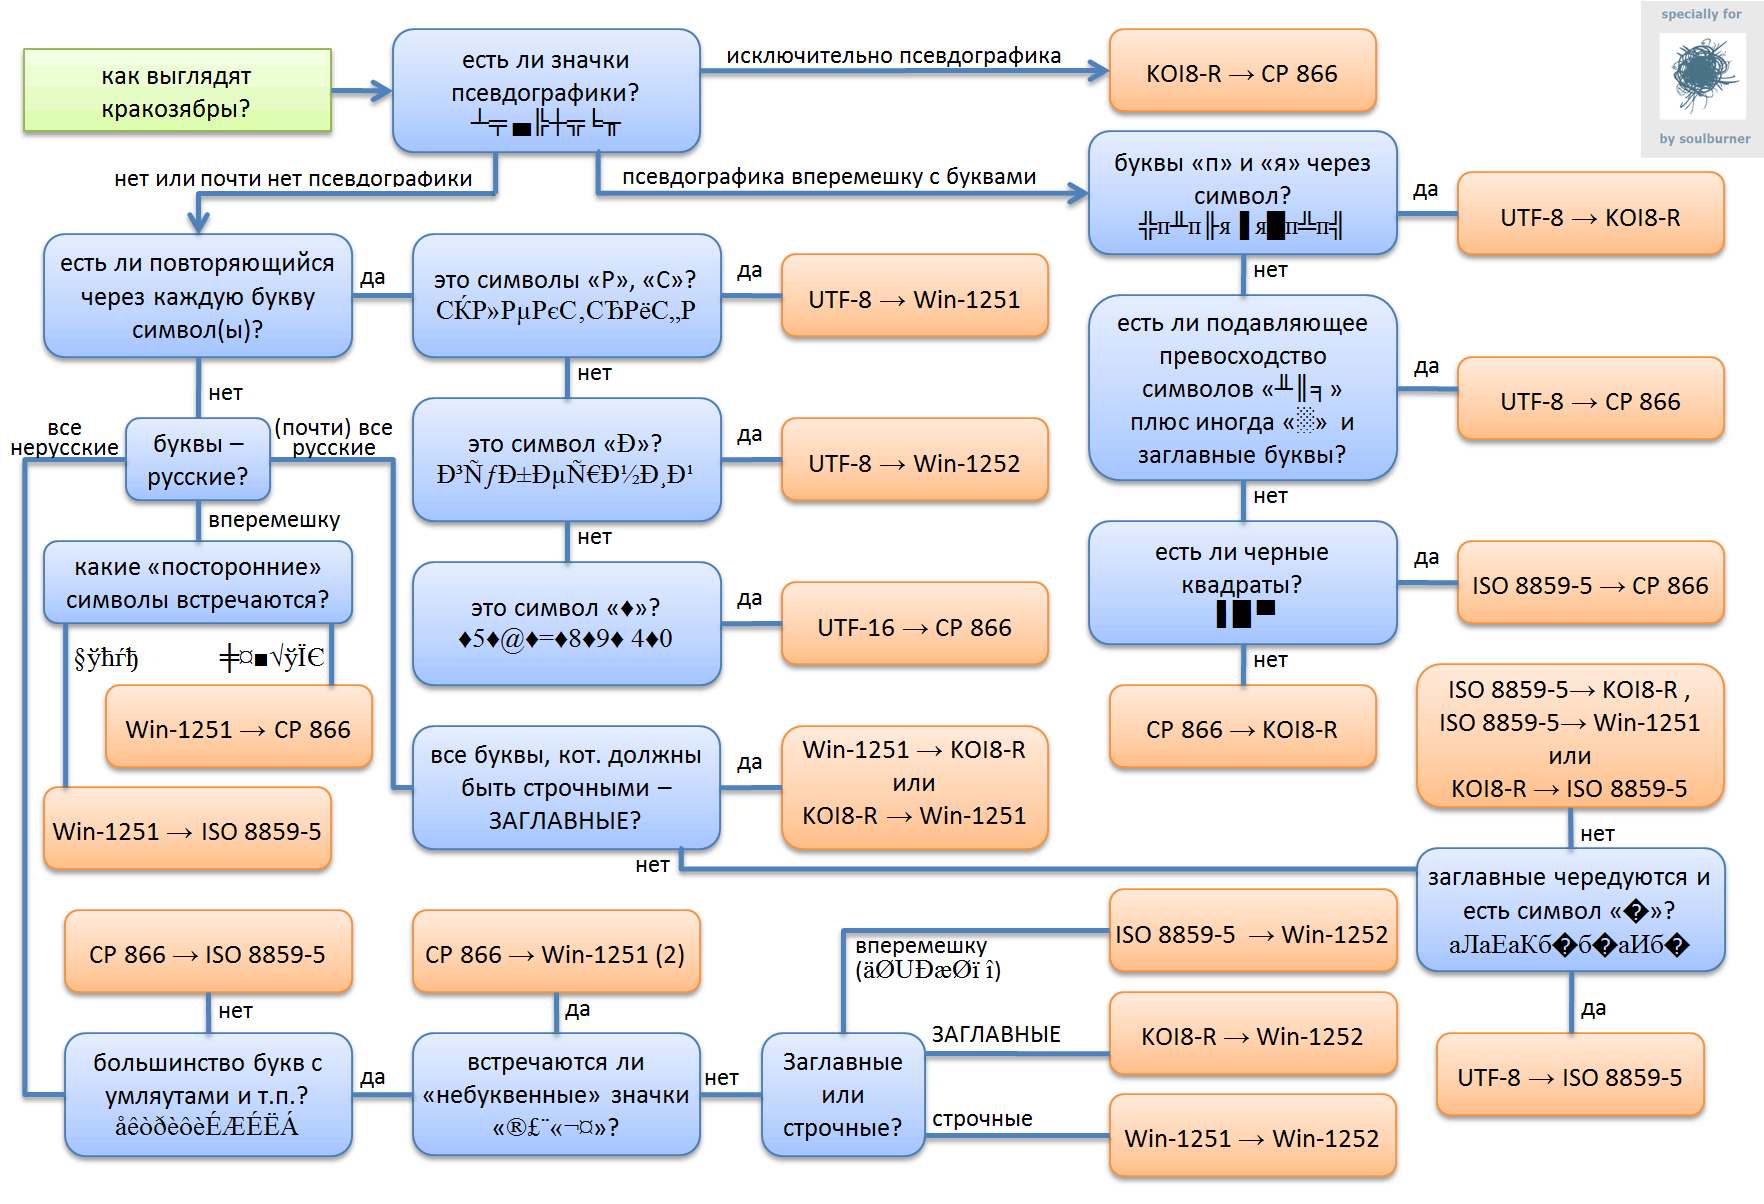 Что такое кодировка